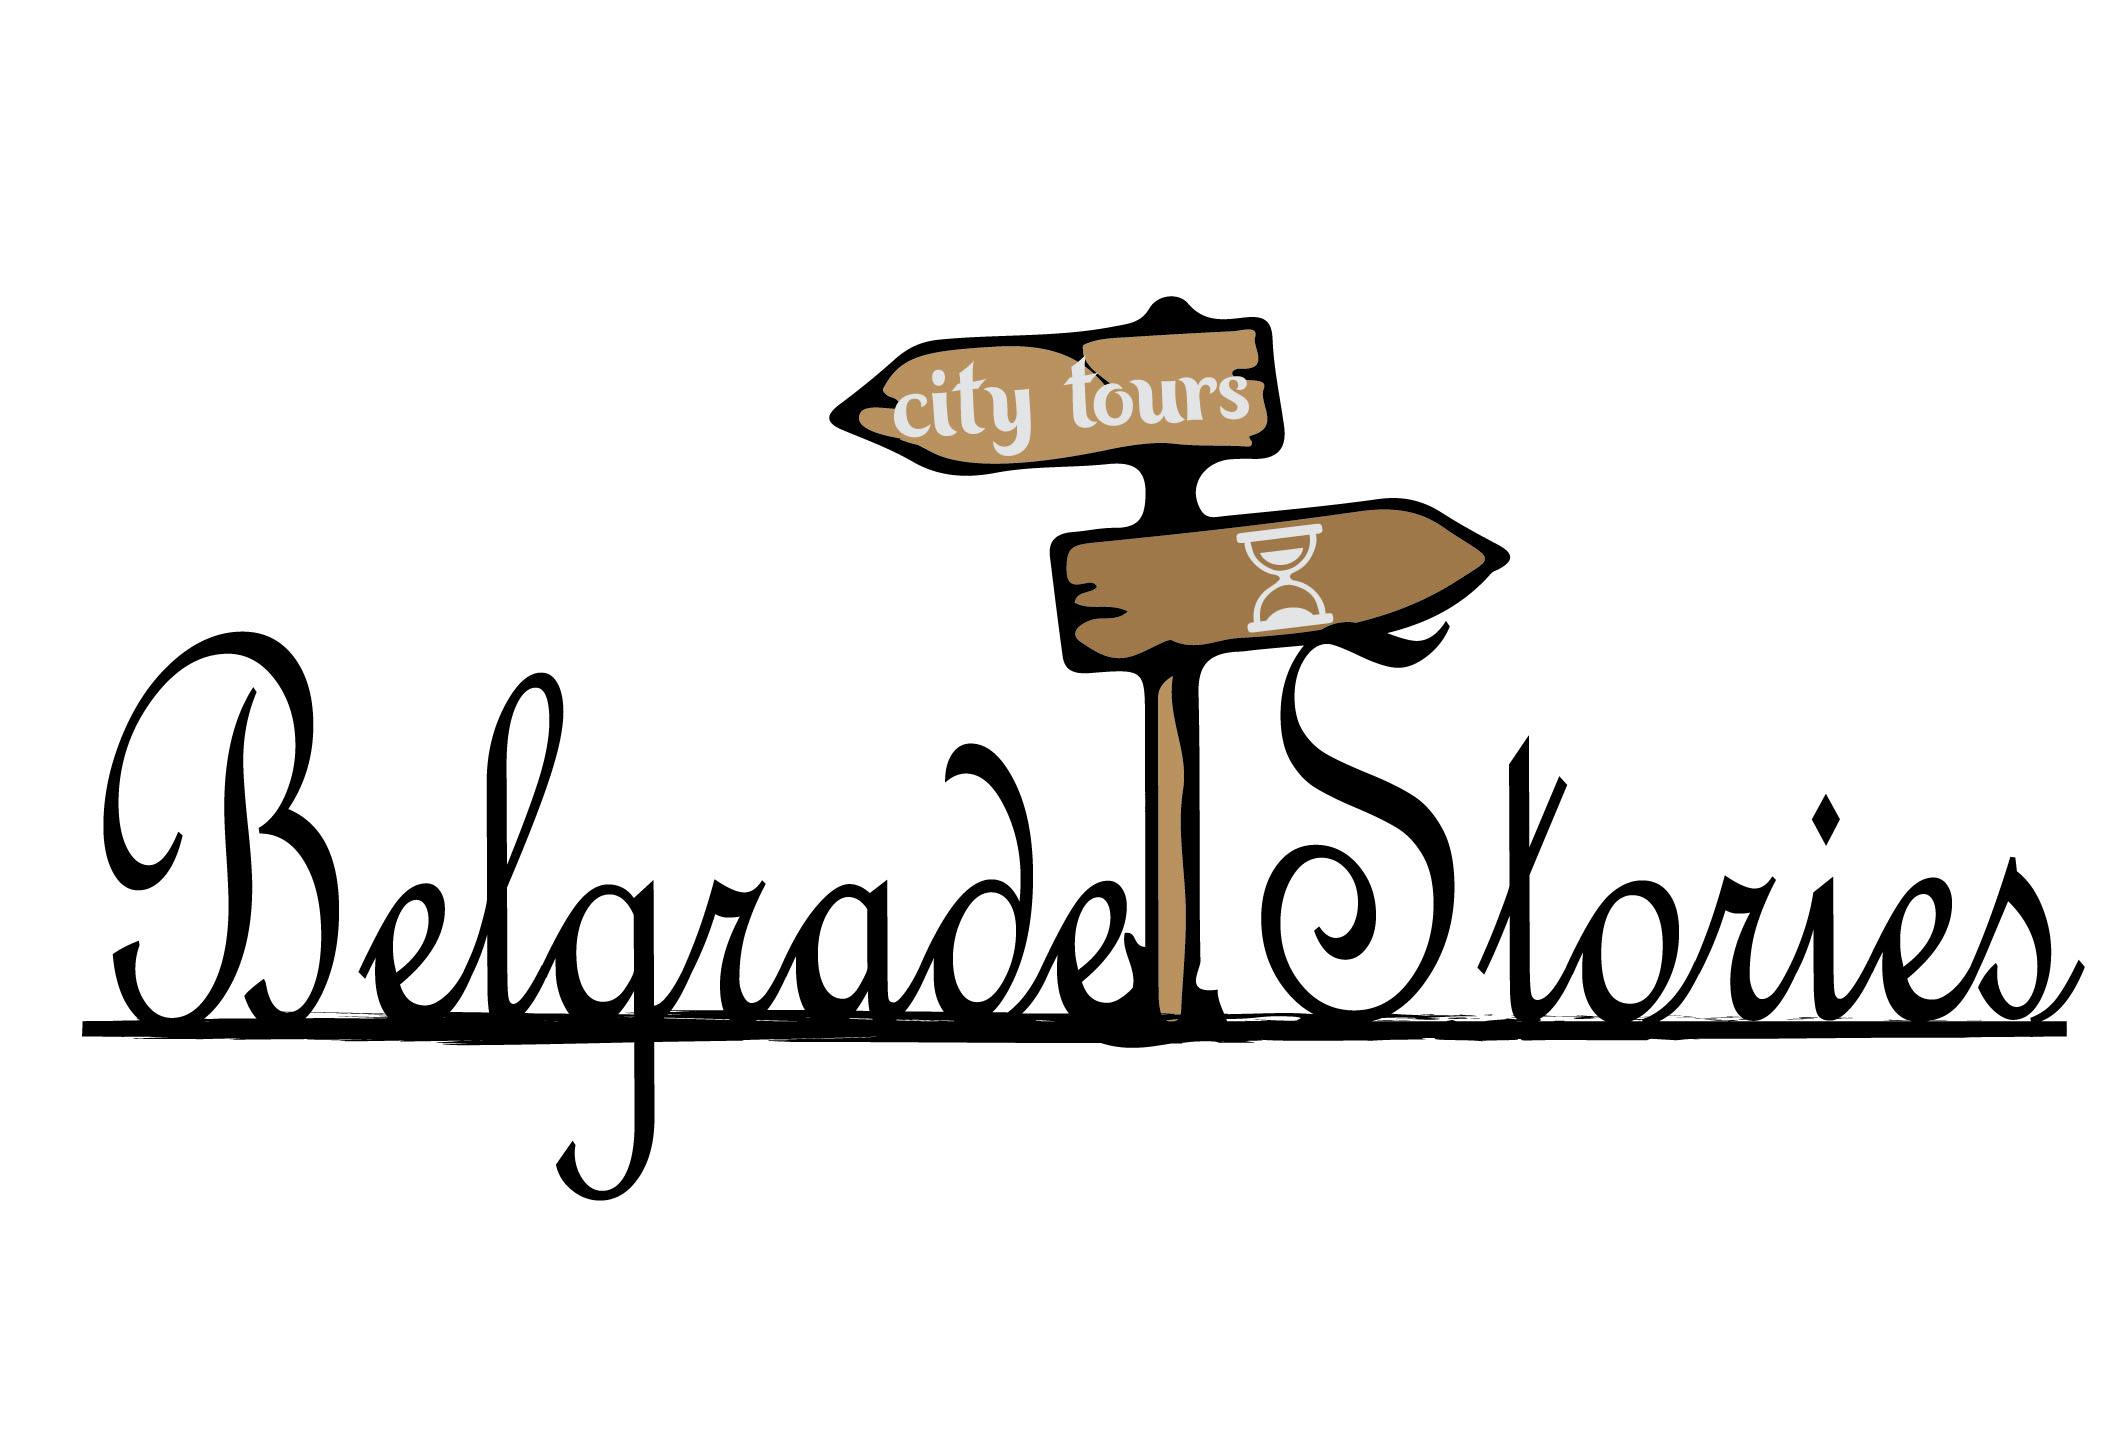 Логотип для агентства городских туров в Белграде фото f_381589180c78df08.jpg